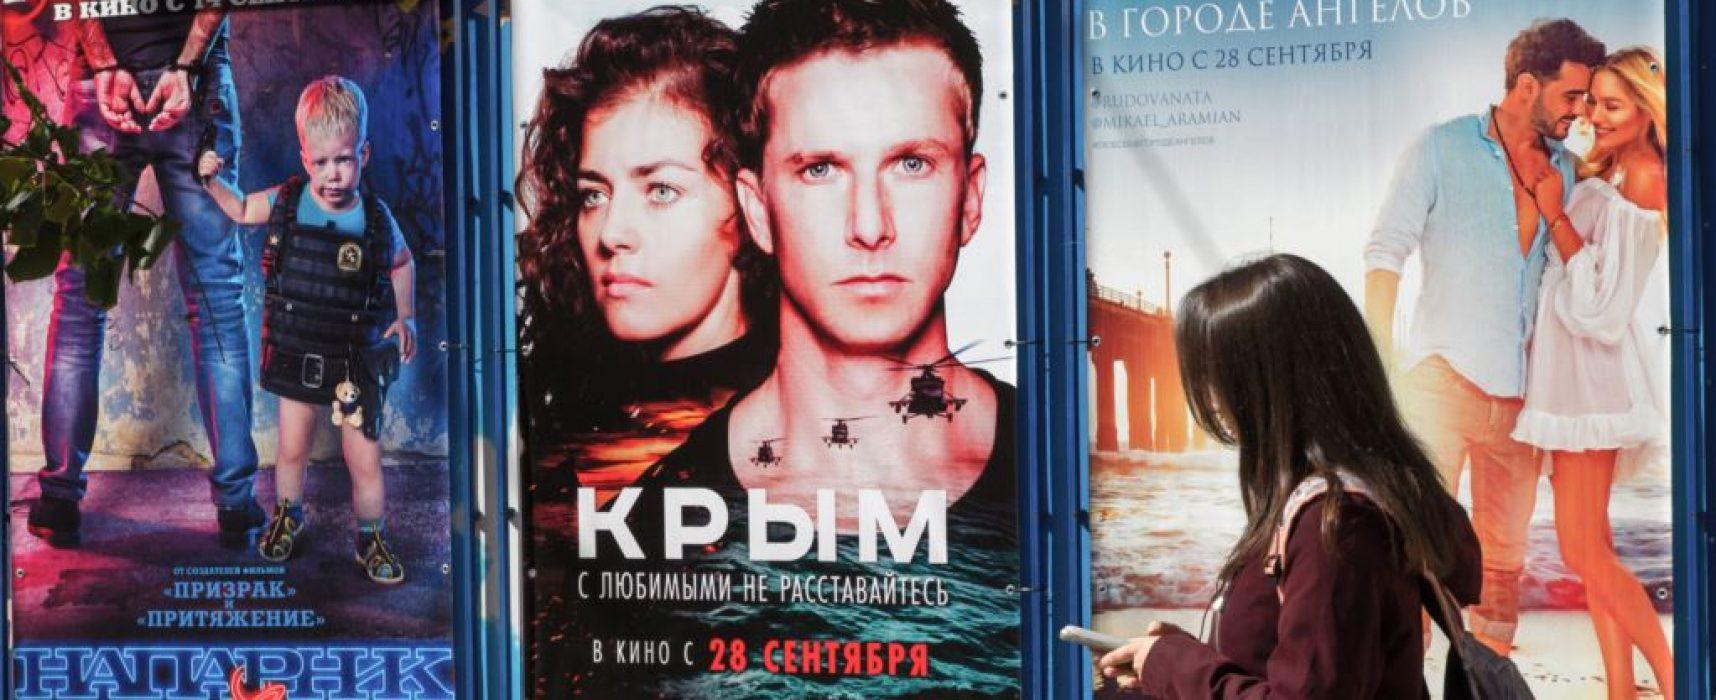 """Убийства, които не ги е имало: за какво излъга филмът """"Крим"""""""